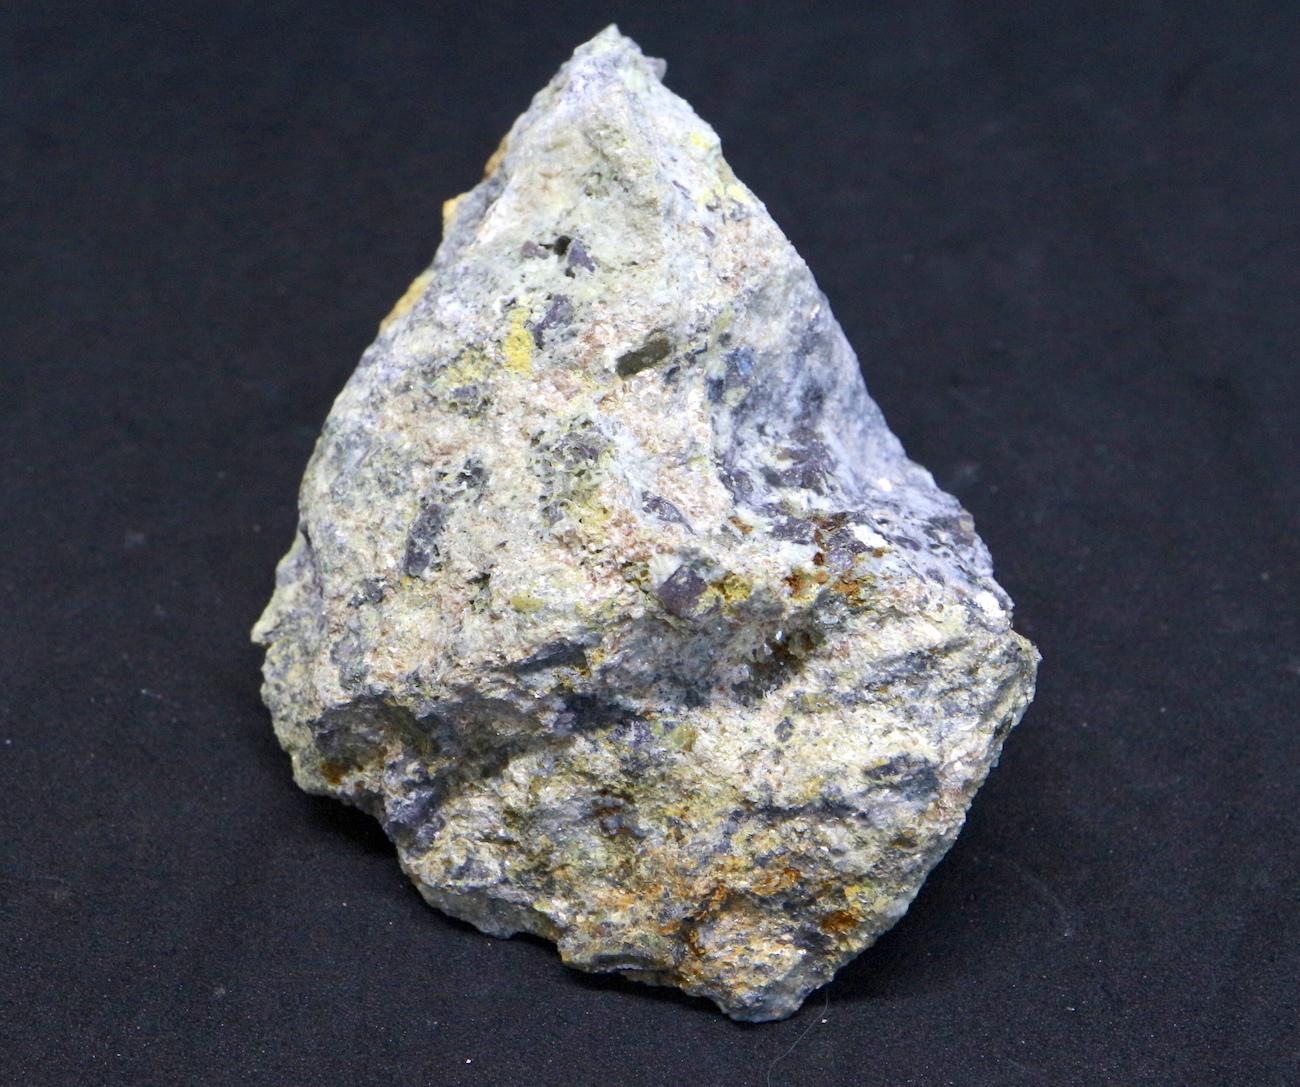 カリフォルア産 コランダム ルビー サファイア 原石 自主採掘 160g RB005